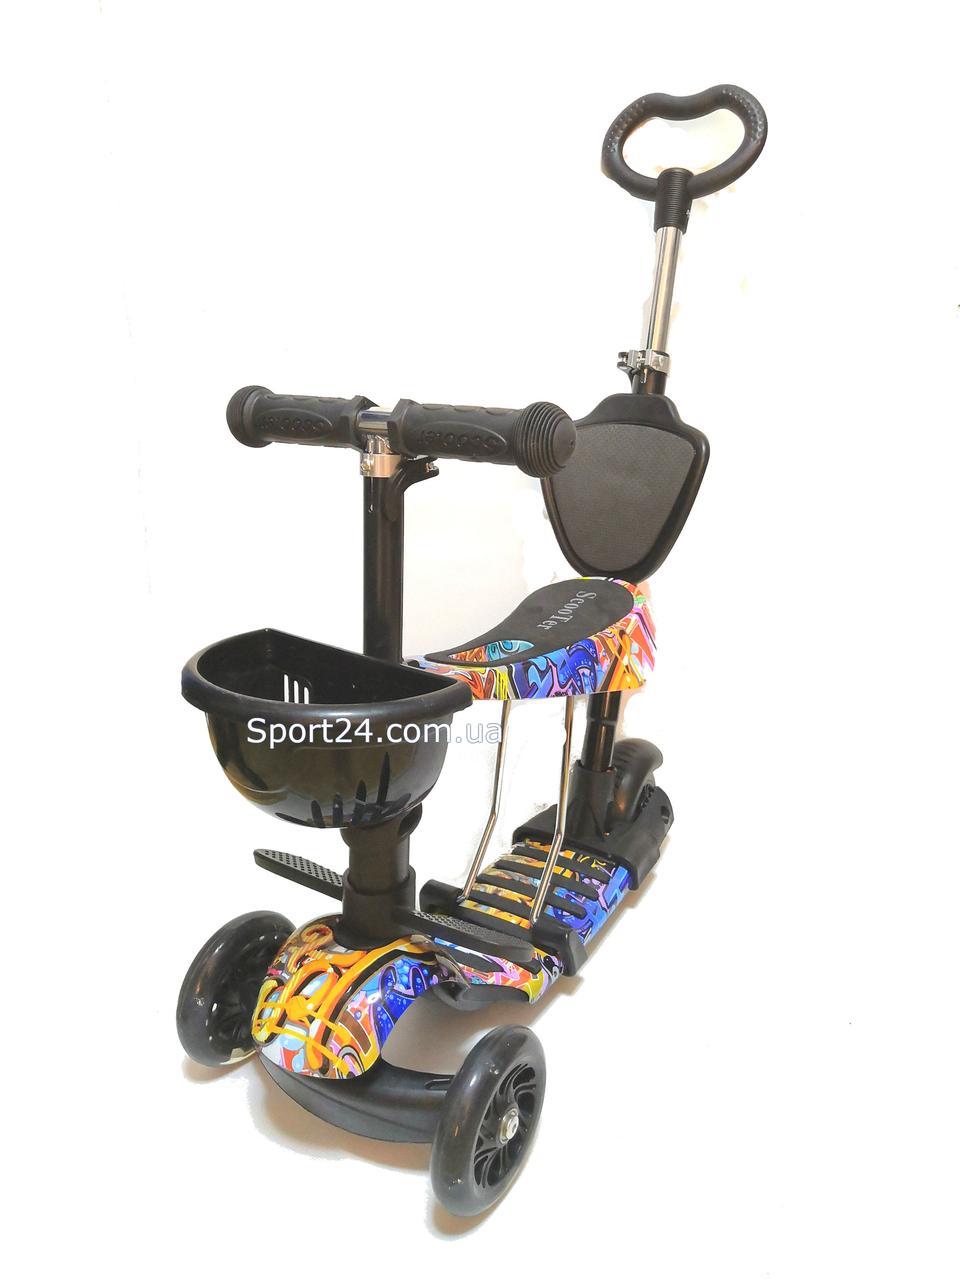 Детский самокат беговел Графити 5 в 1 с родительской ручкой (от 1,5 года, светящиеся колеса)